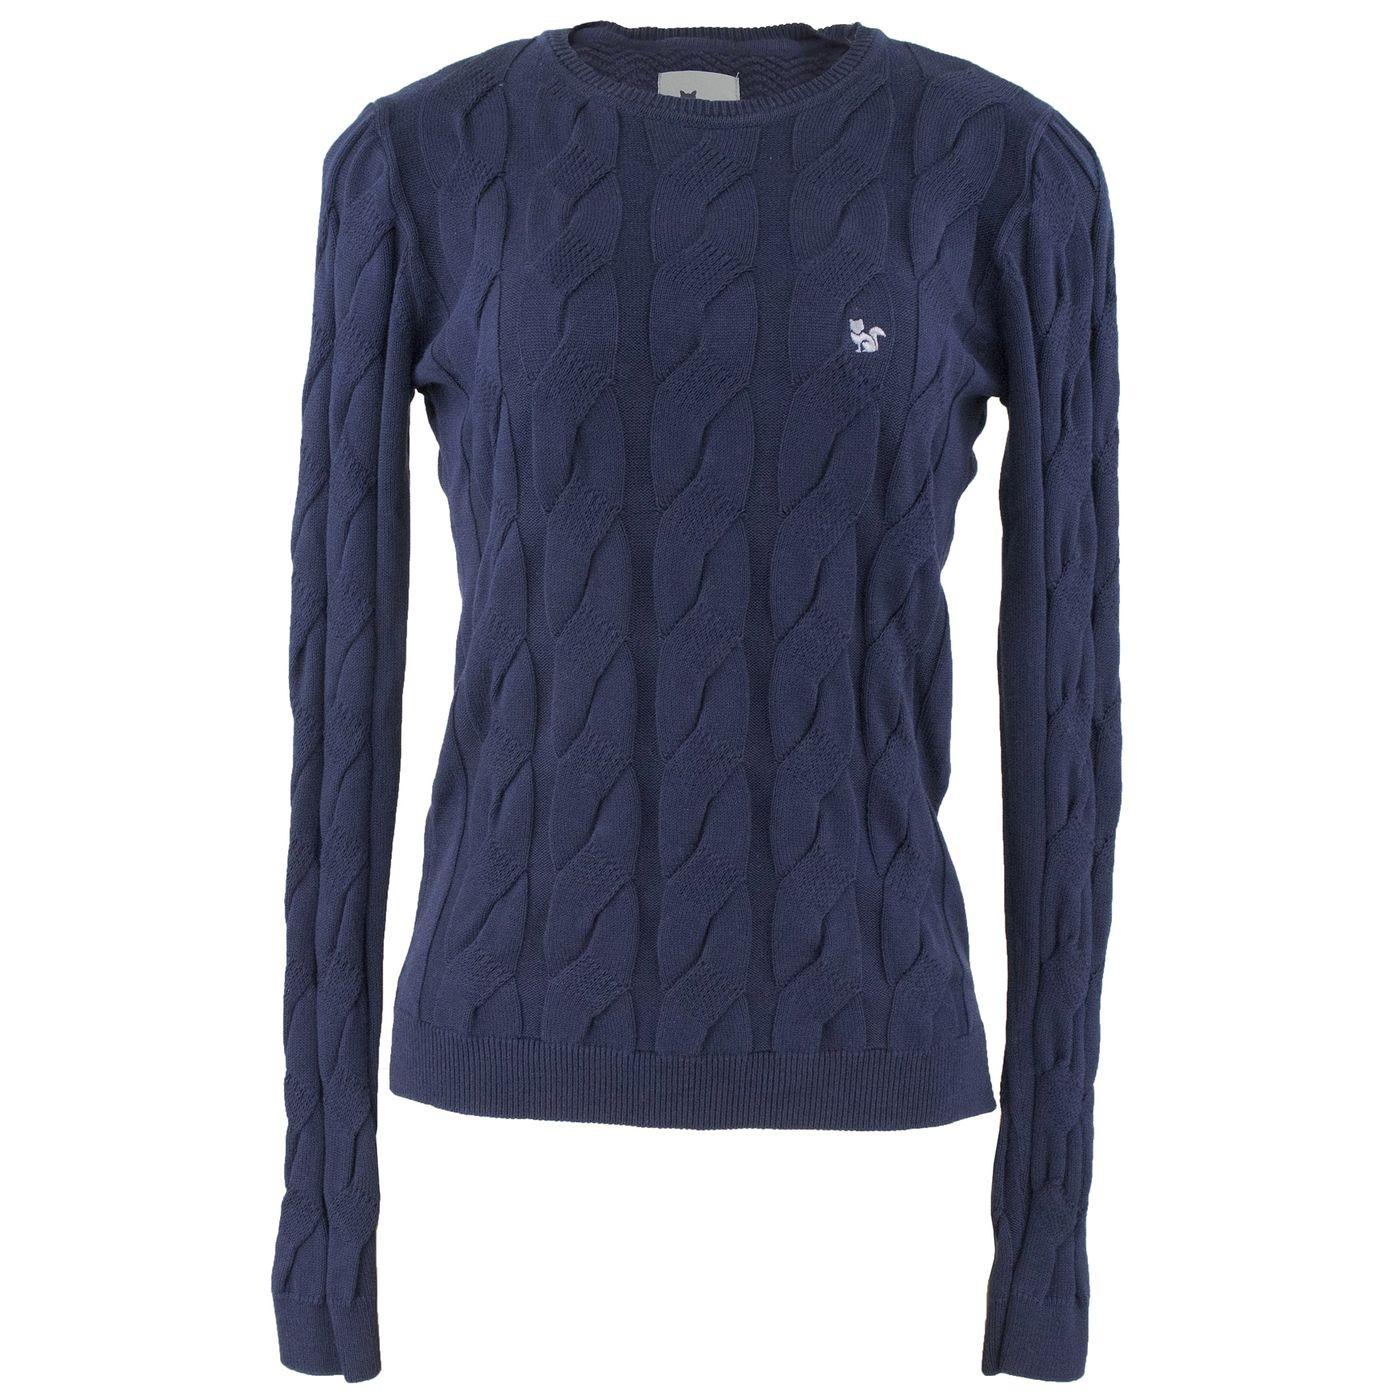 2d8aa69c4 Suéter Feminino Inverno Soho em algodão premium azul marinho - fieroshop